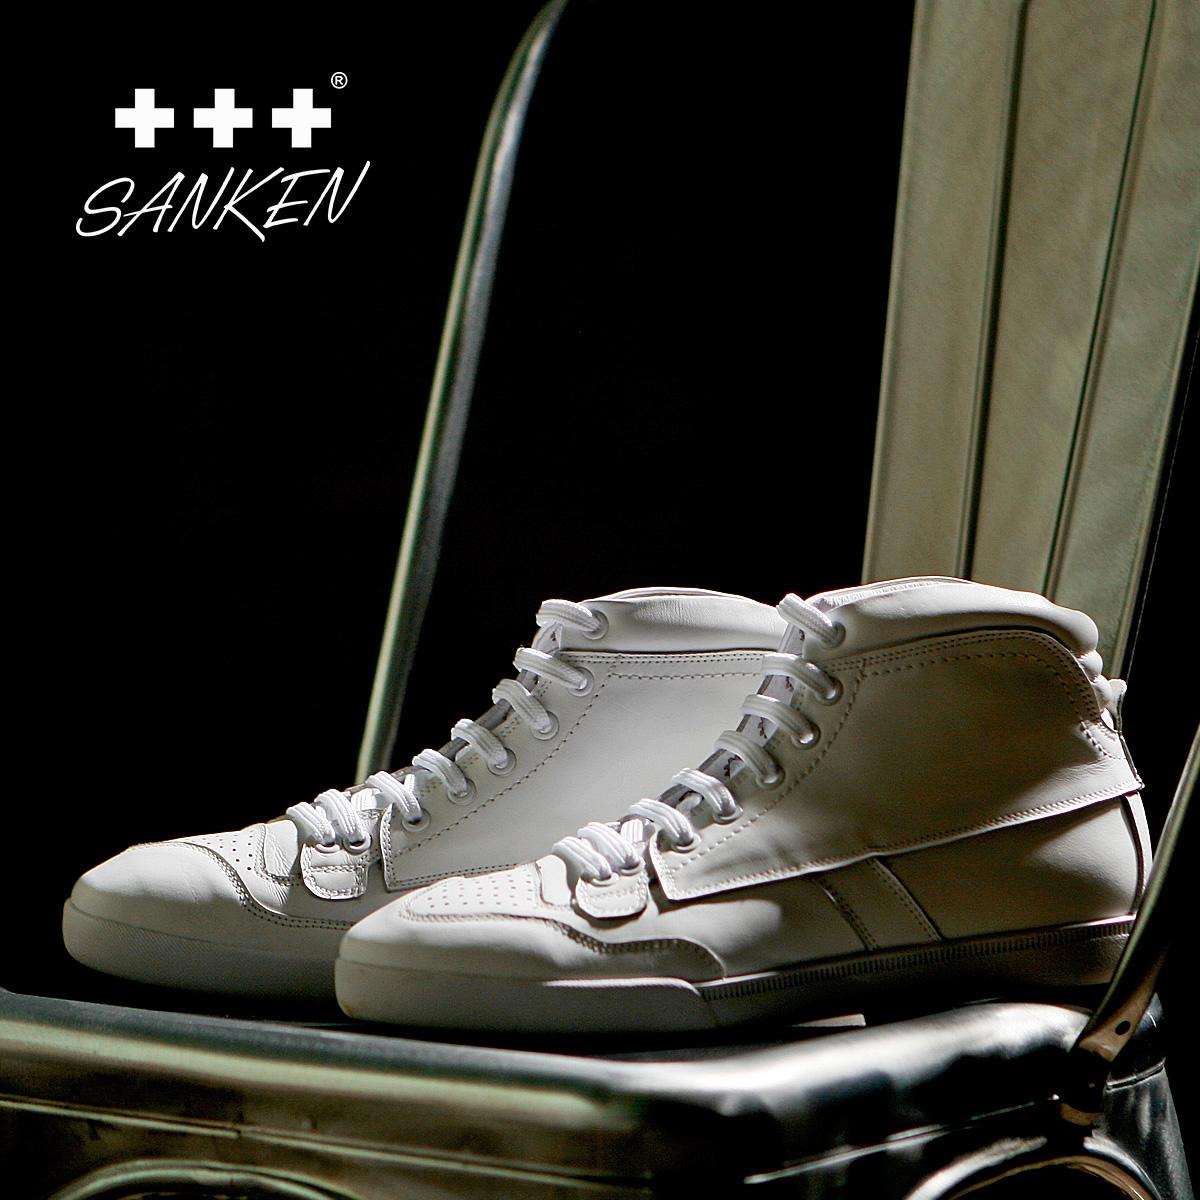 все цены на Ботинки мужские Sanken 5218 онлайн